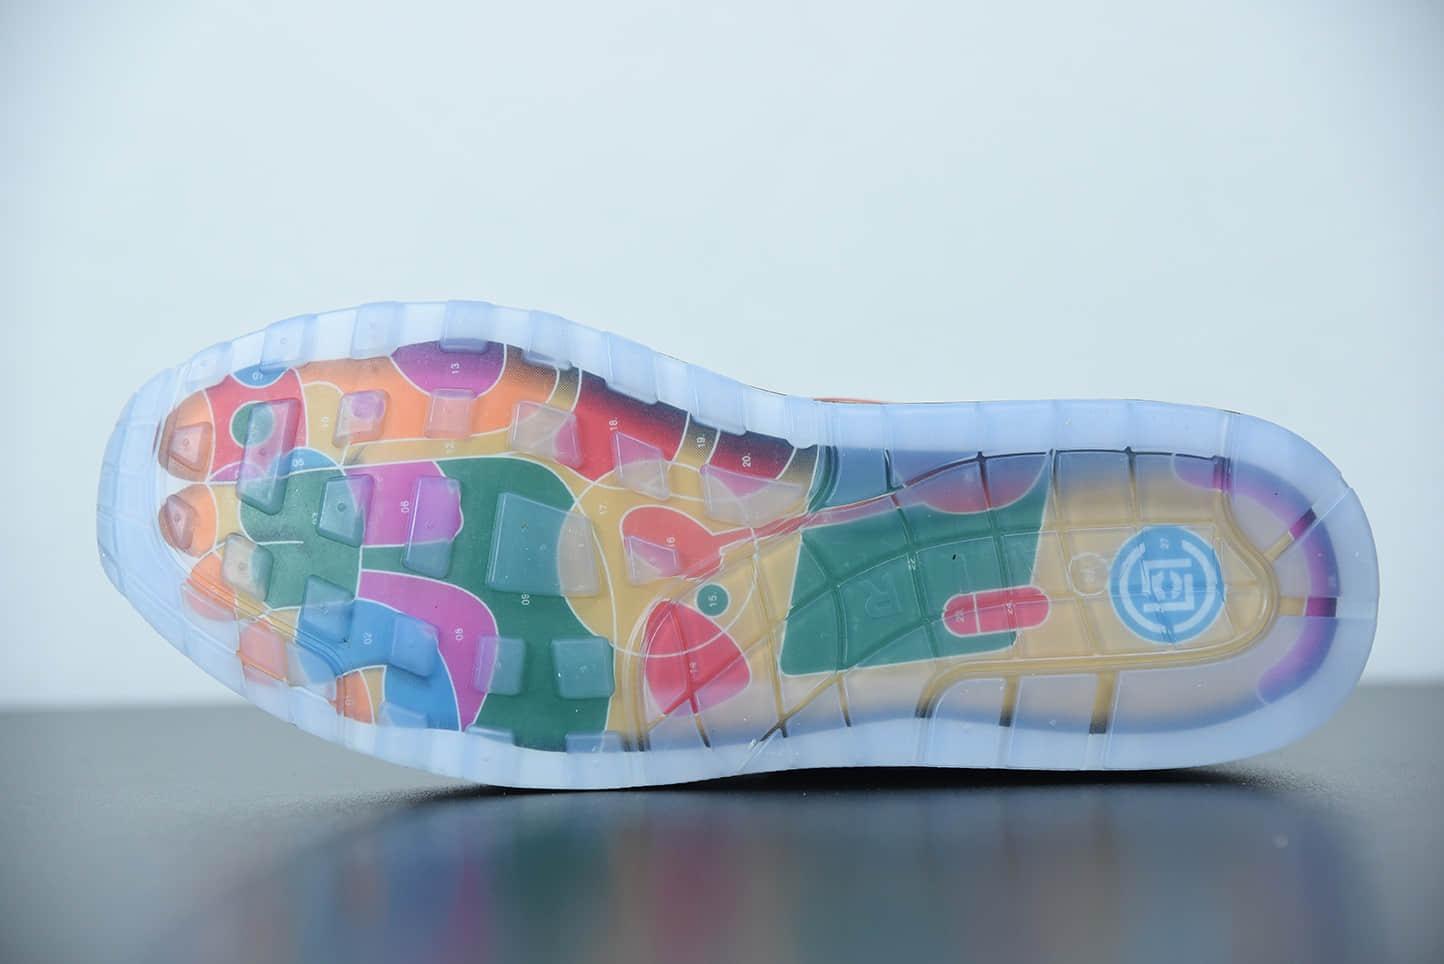 """耐克CLOT x Nk Air Max 1 """"Tea Leaf Brown""""""""死亡之吻""""茶叶中国限定气垫休闲鞋纯原版本 货号:DD1870-200"""